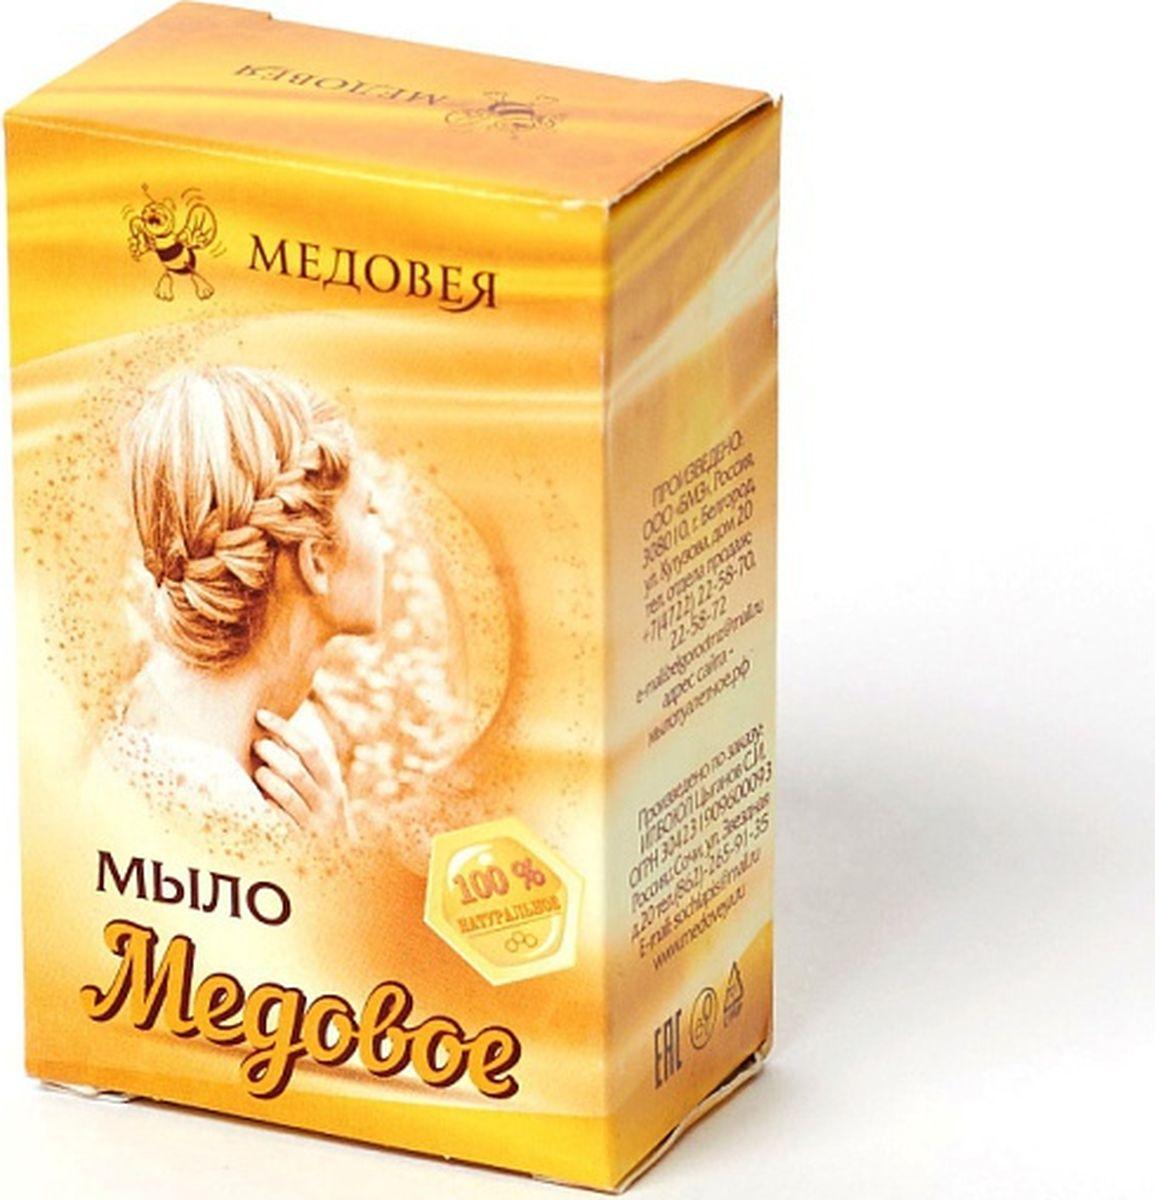 Медовея Мыло Медовое, 80 млFS-00103Натуральное мыло Медовея - это качественный продукт, состоящий исключительно из полезных компонентов. Практические исследования показали, что после недлительного использования мыла кожа приобретала более здоровый и молодой вид. Медовое мыло- очищает и благодаря входящему в состав меду питает кожу, обогащая её витаминами и микроэлеменетами. Мед, входящий в состав мыла собран на Черноморском побережье.